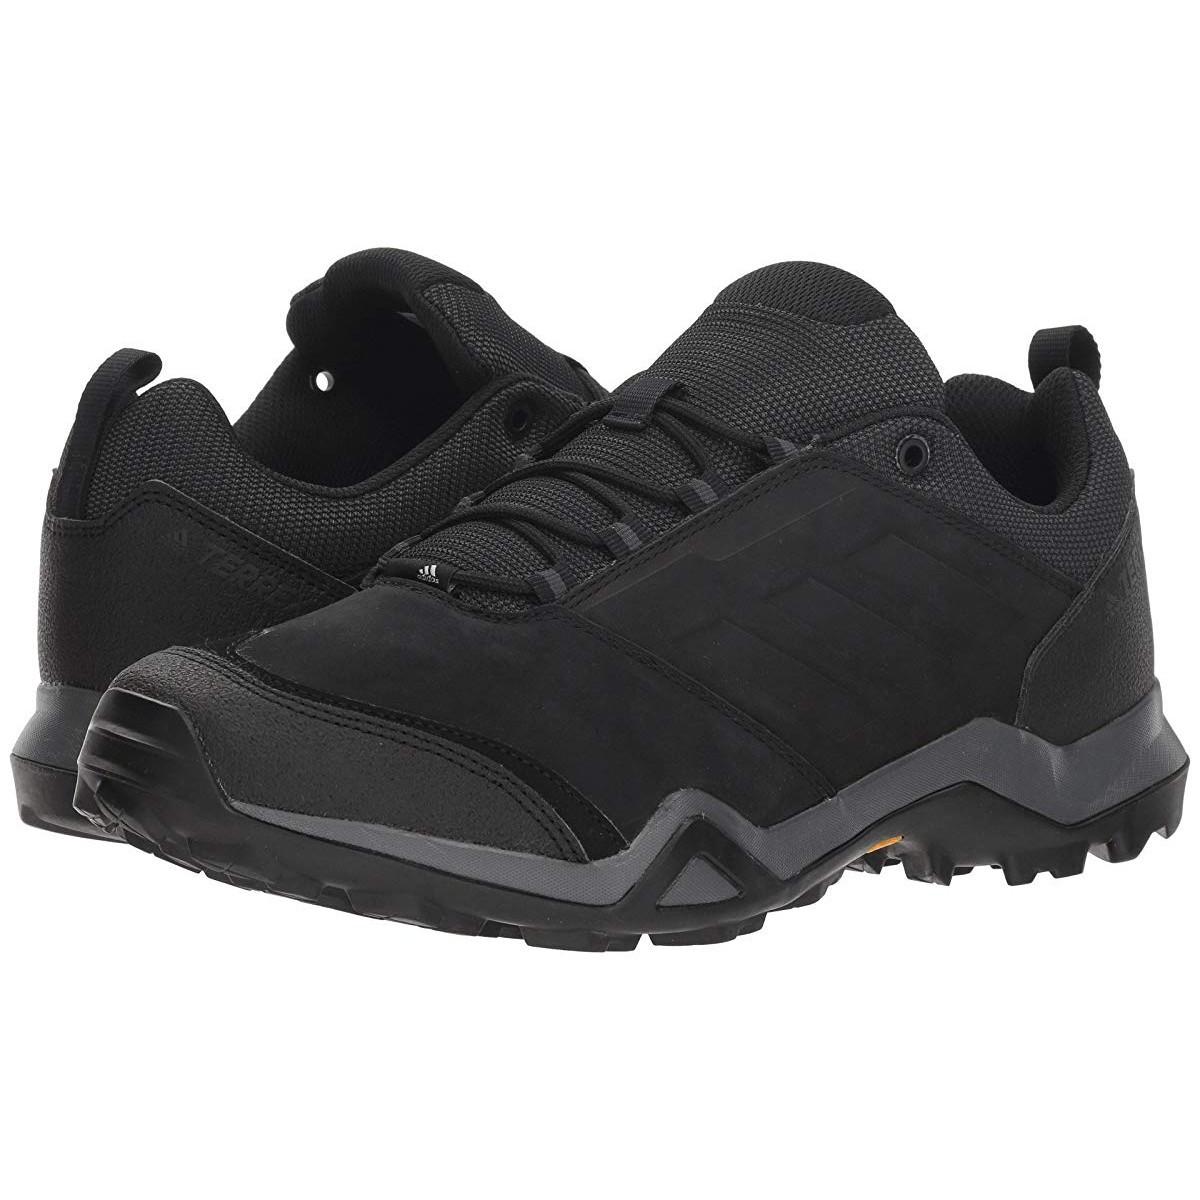 Оригинальные Мужские Кроссовки Adidas Terrex Brushwood Leather AC 7851